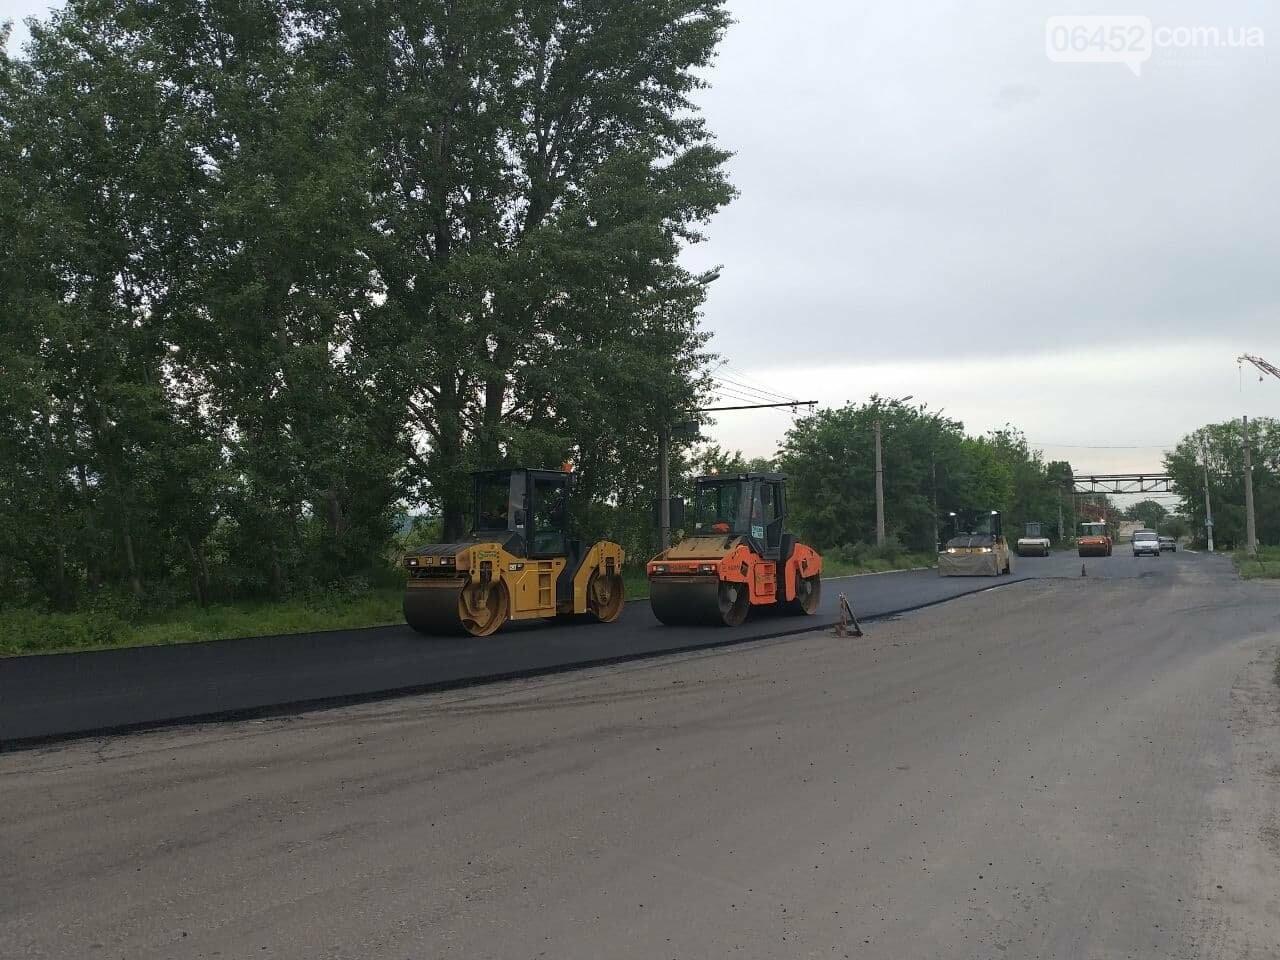 Ограничено движение троллейбусов и перекрыт пойменный мост: в Северодонецке ремонтируют дорогу, фото-8